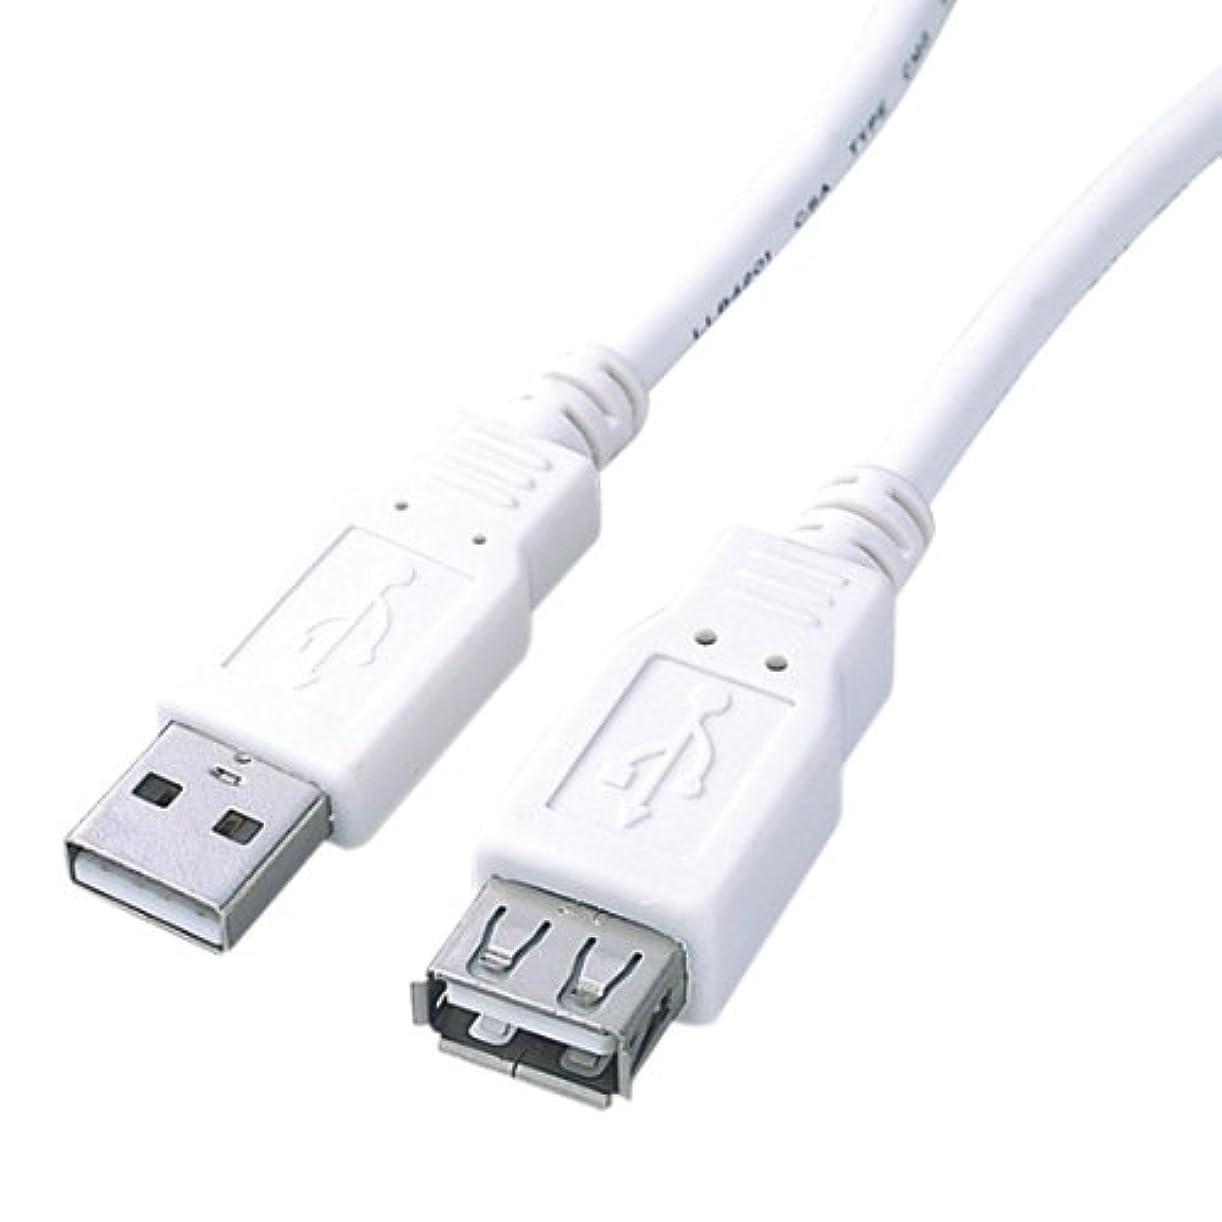 暗記するフィット逆にロアス USB2.0延長ケーブル 1m ホワイト ZUH-E10W